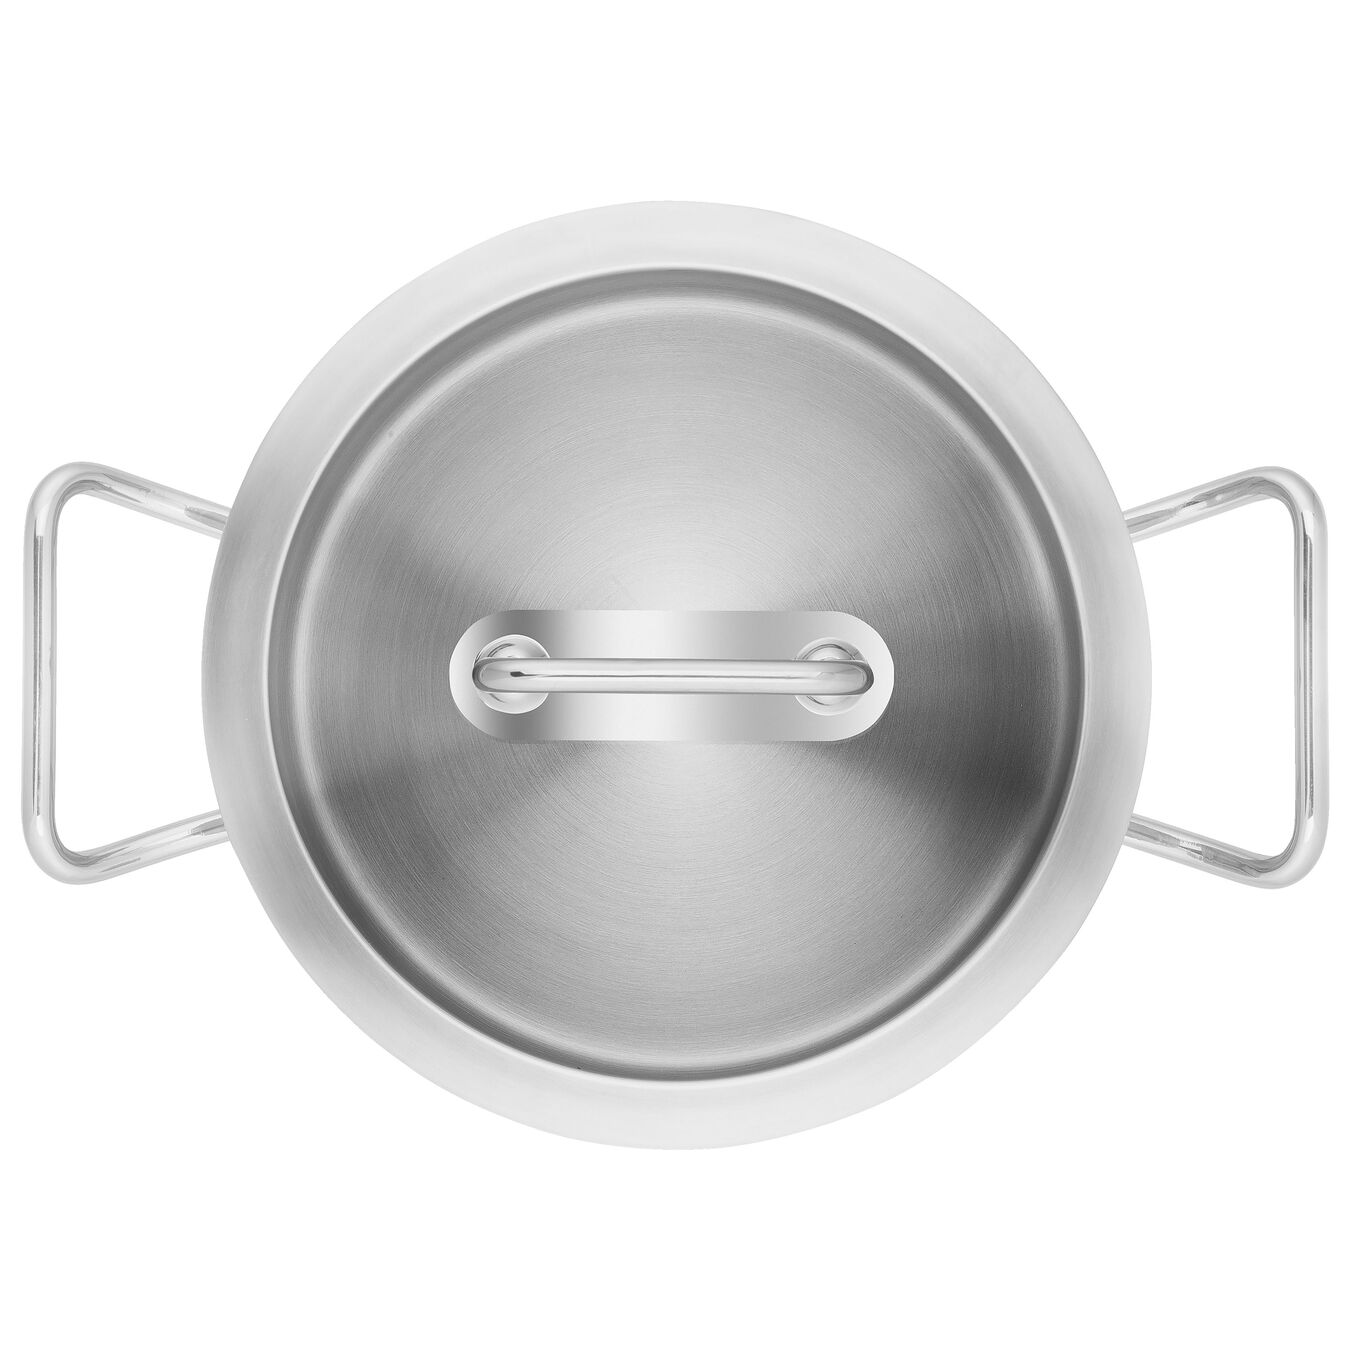 Suppegryde Højsidet 24 cm, 18/10 rustfrit stål,,large 5